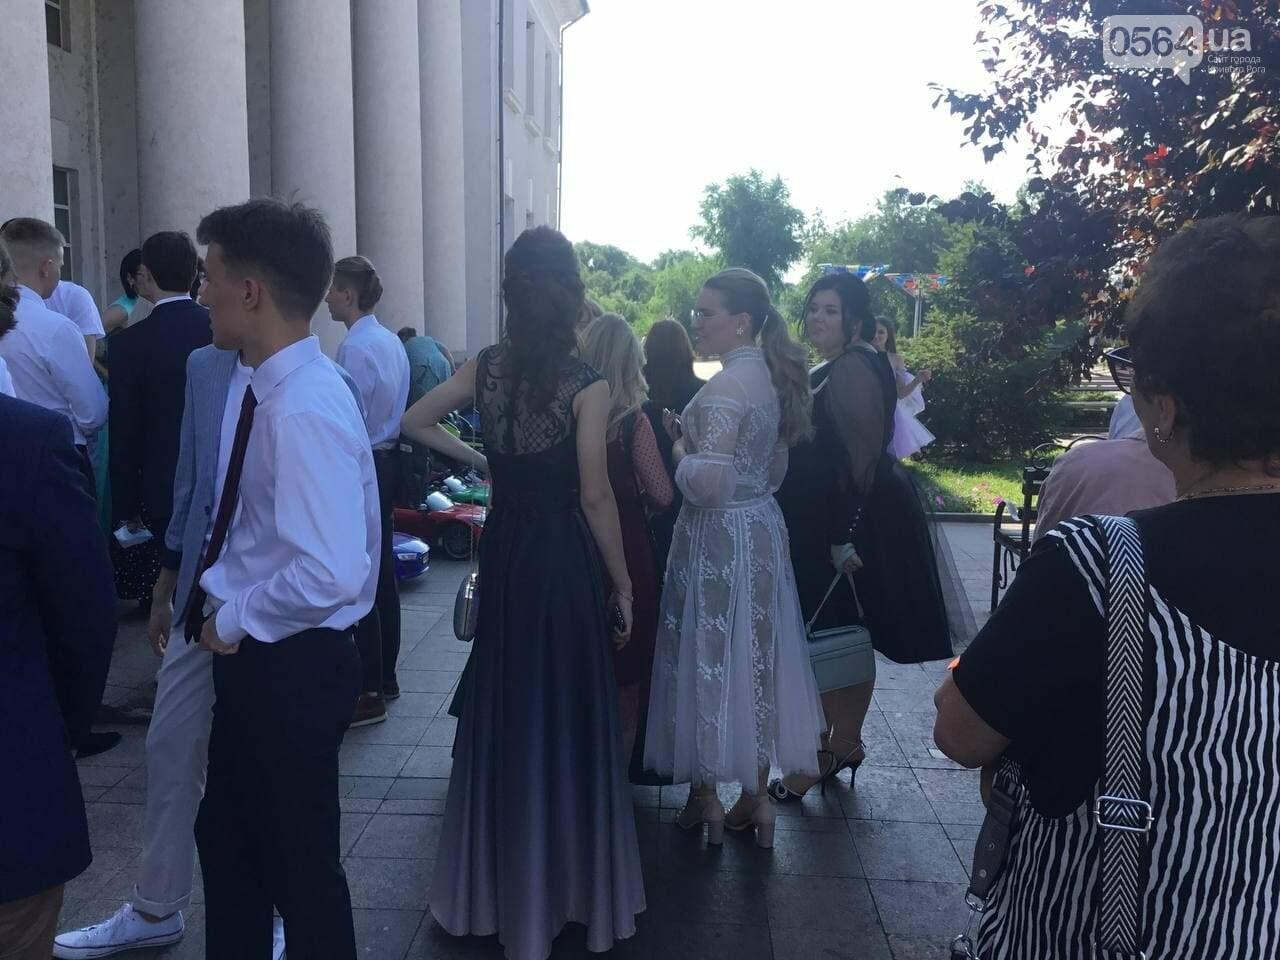 В Кривом Роге 3667 выпускников сегодня прощаются со своими alma mater, - ФОТО, фото-23